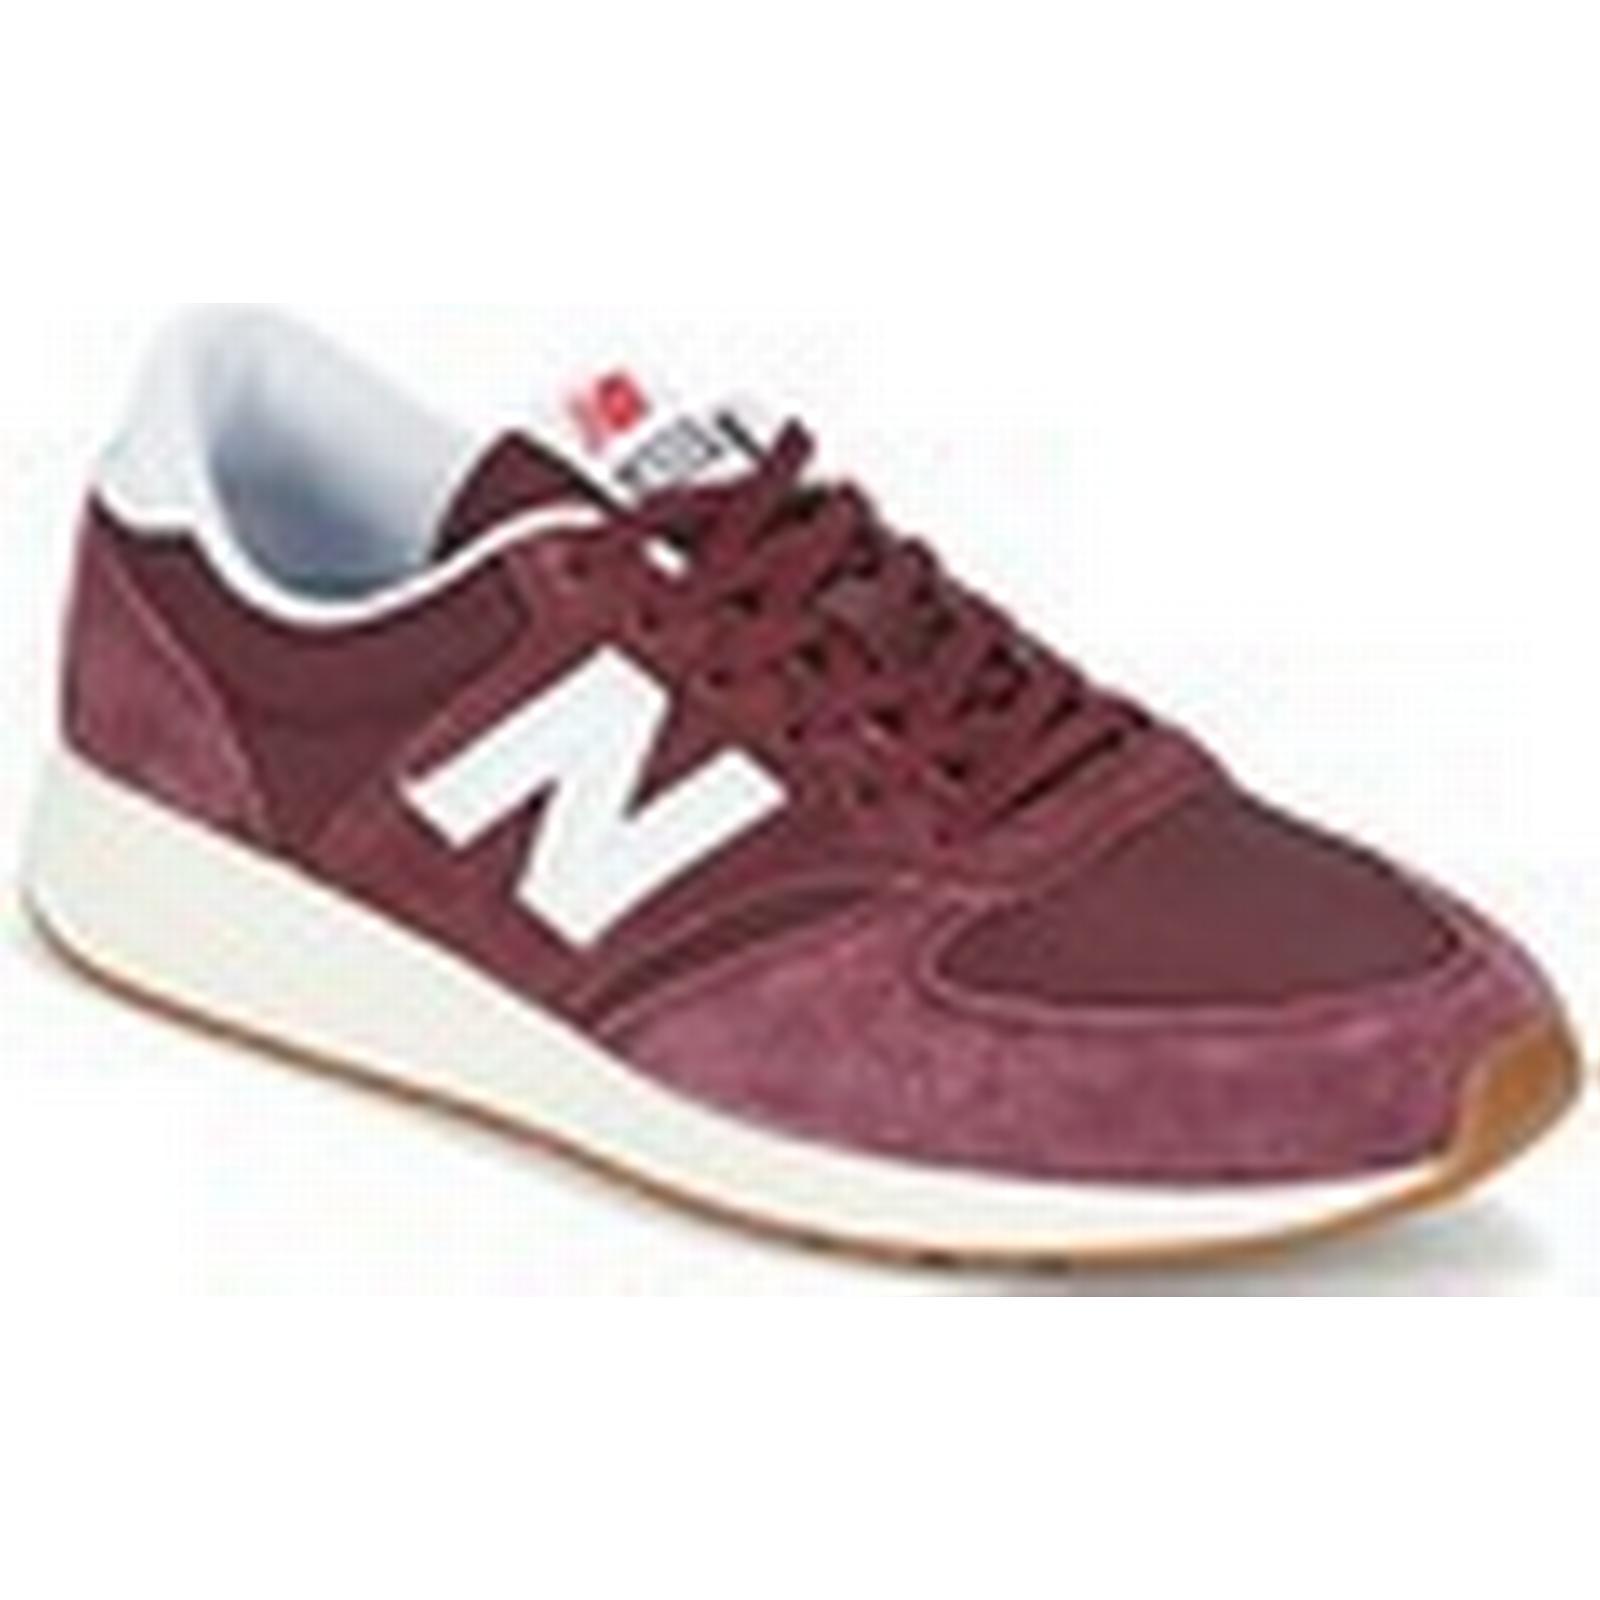 nouveau solde mrl420 femmes & # 27;  27; # s Chaussure s (formateurs) en rouge 989e5d